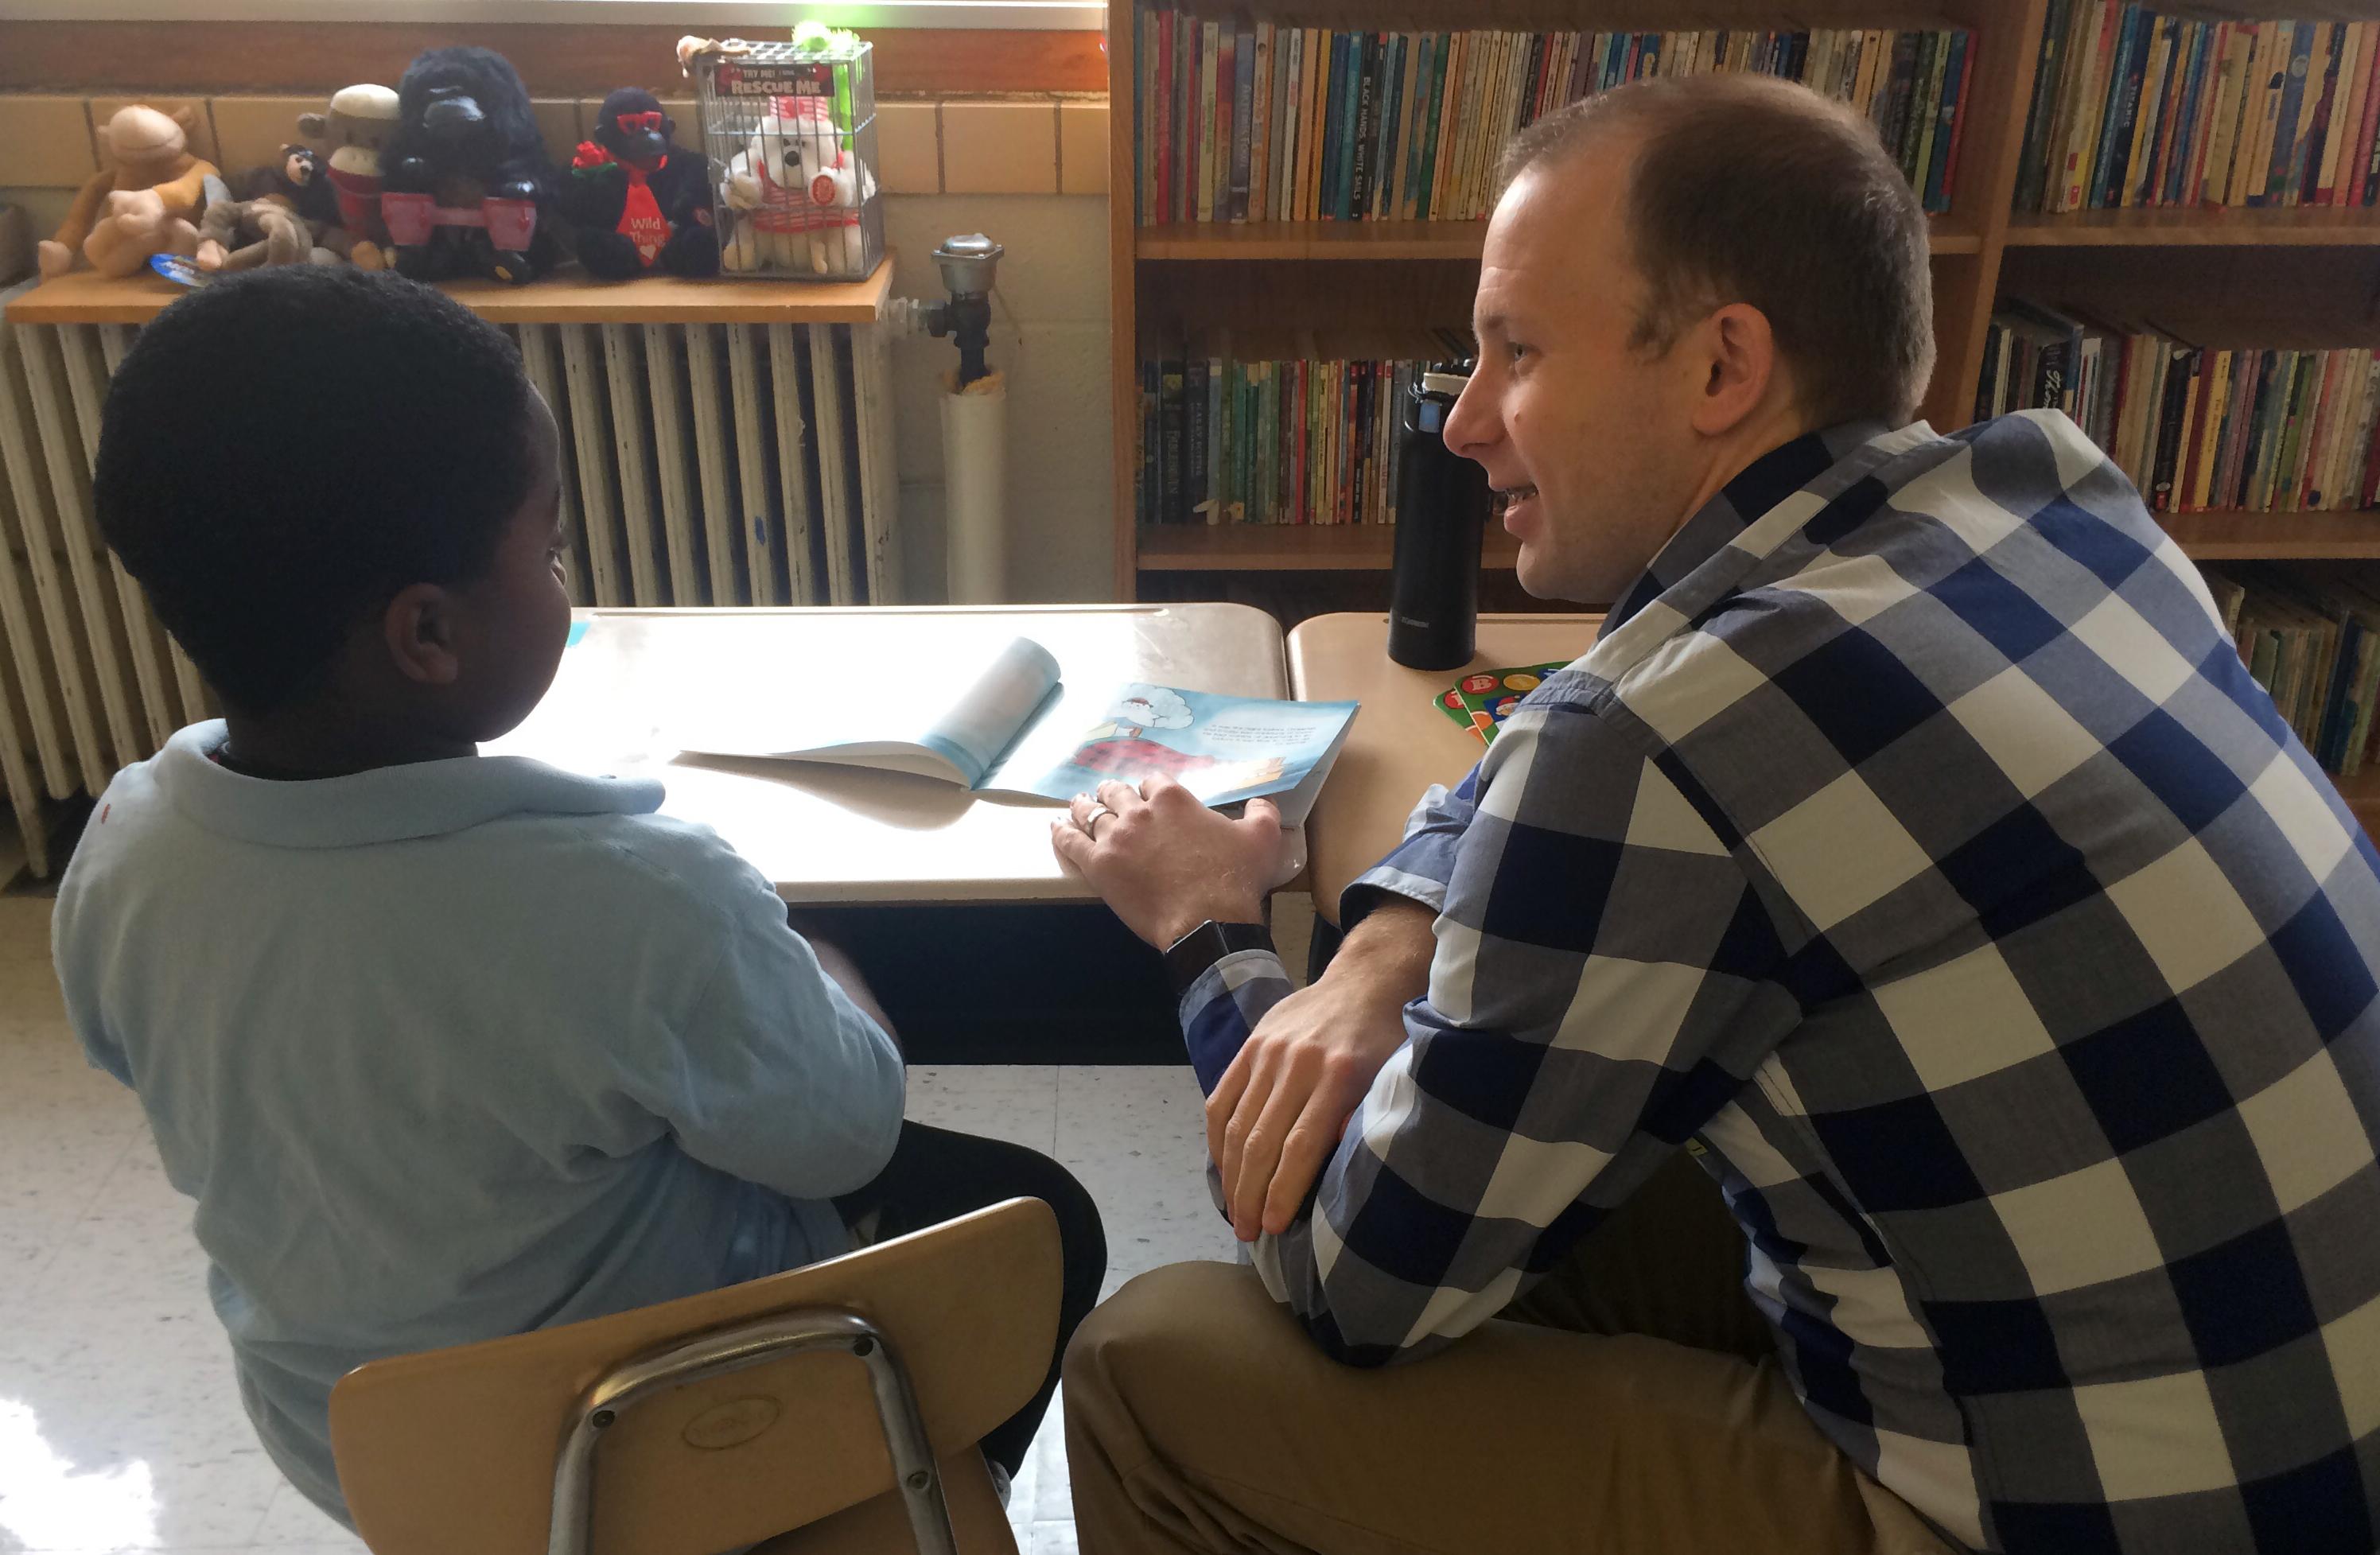 Un membre de la Gathering United Methodist Church de St. Louis travaille avec un élève de la Washington école primaire dans le cadre du projet d'alphabétisation de l'église. Photo gracieuseté de The Gathering.